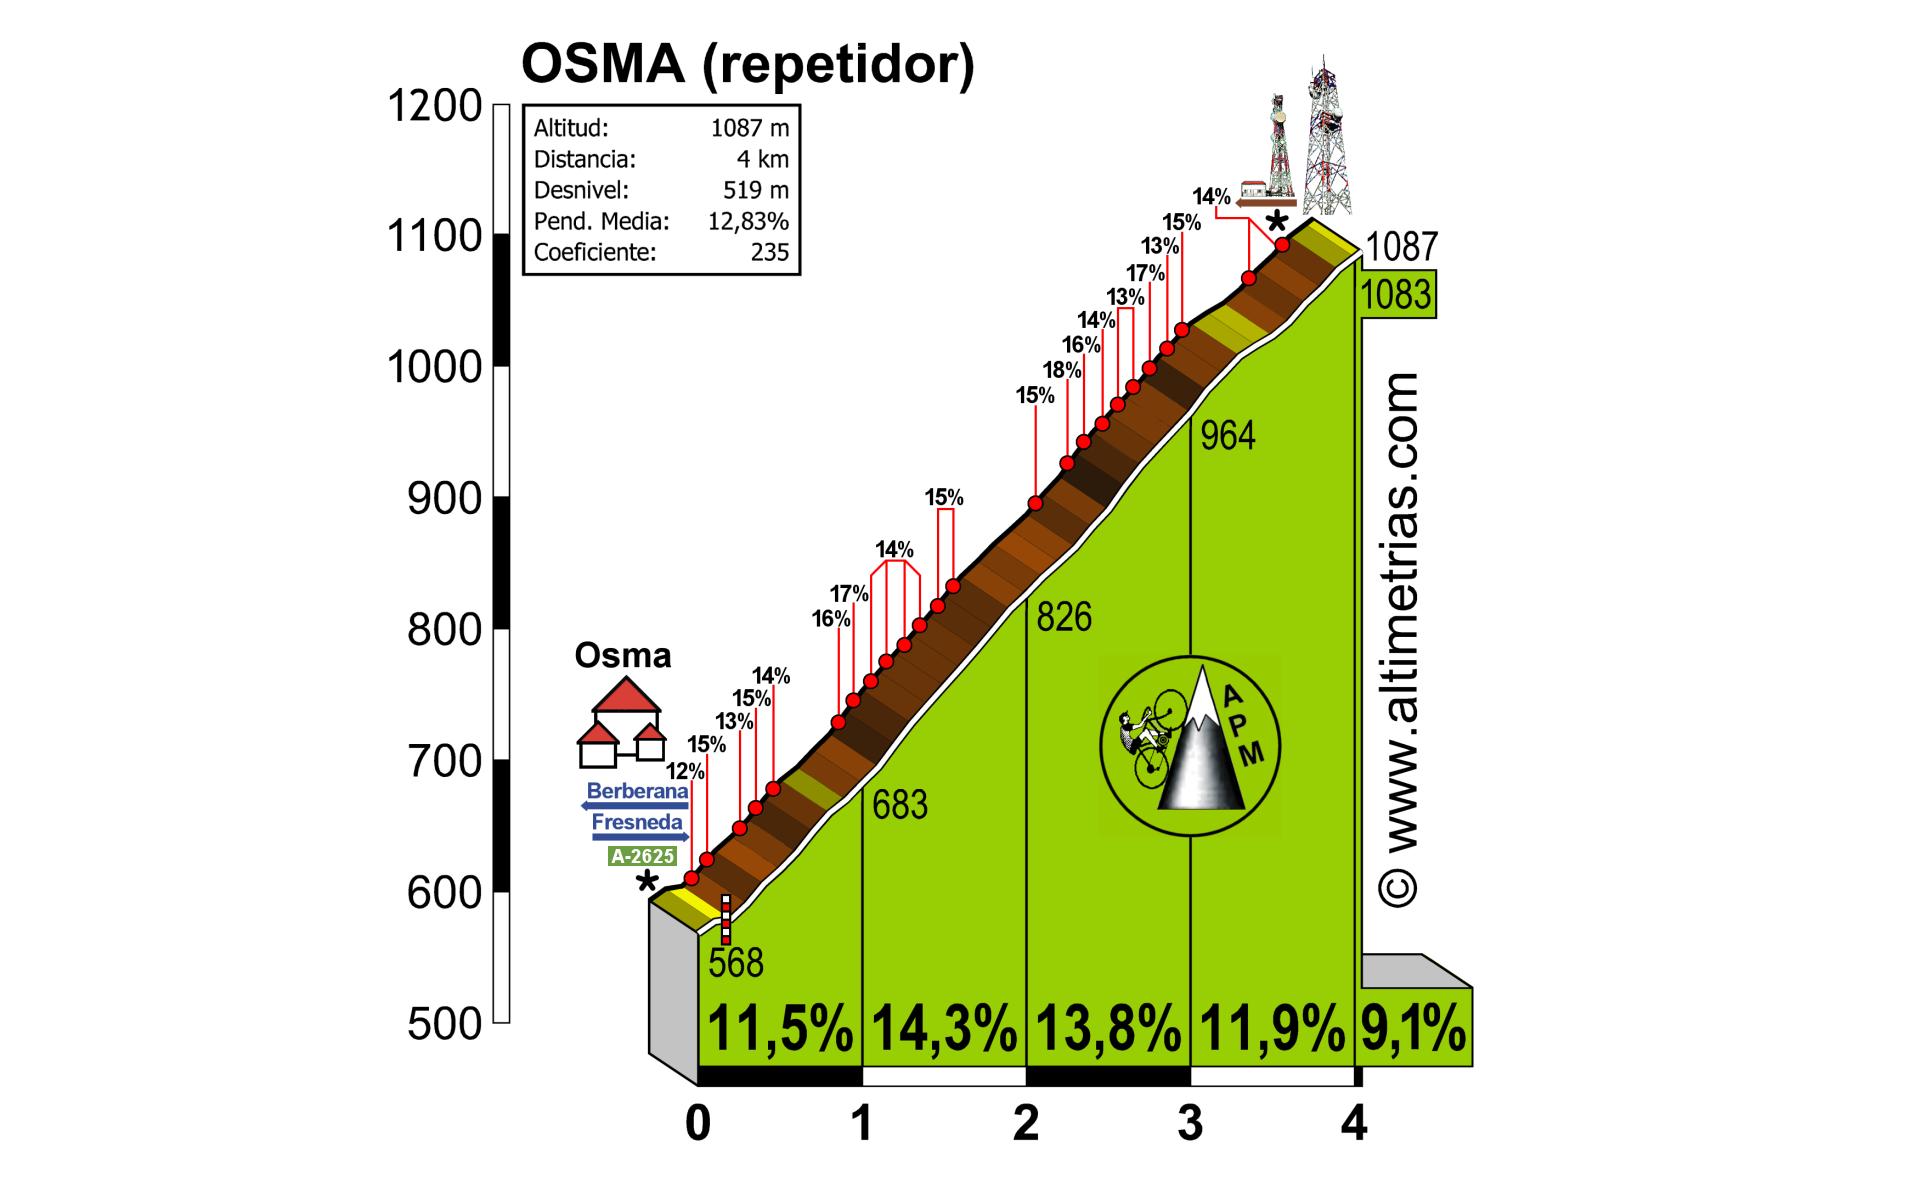 Osma (repetidor TV)